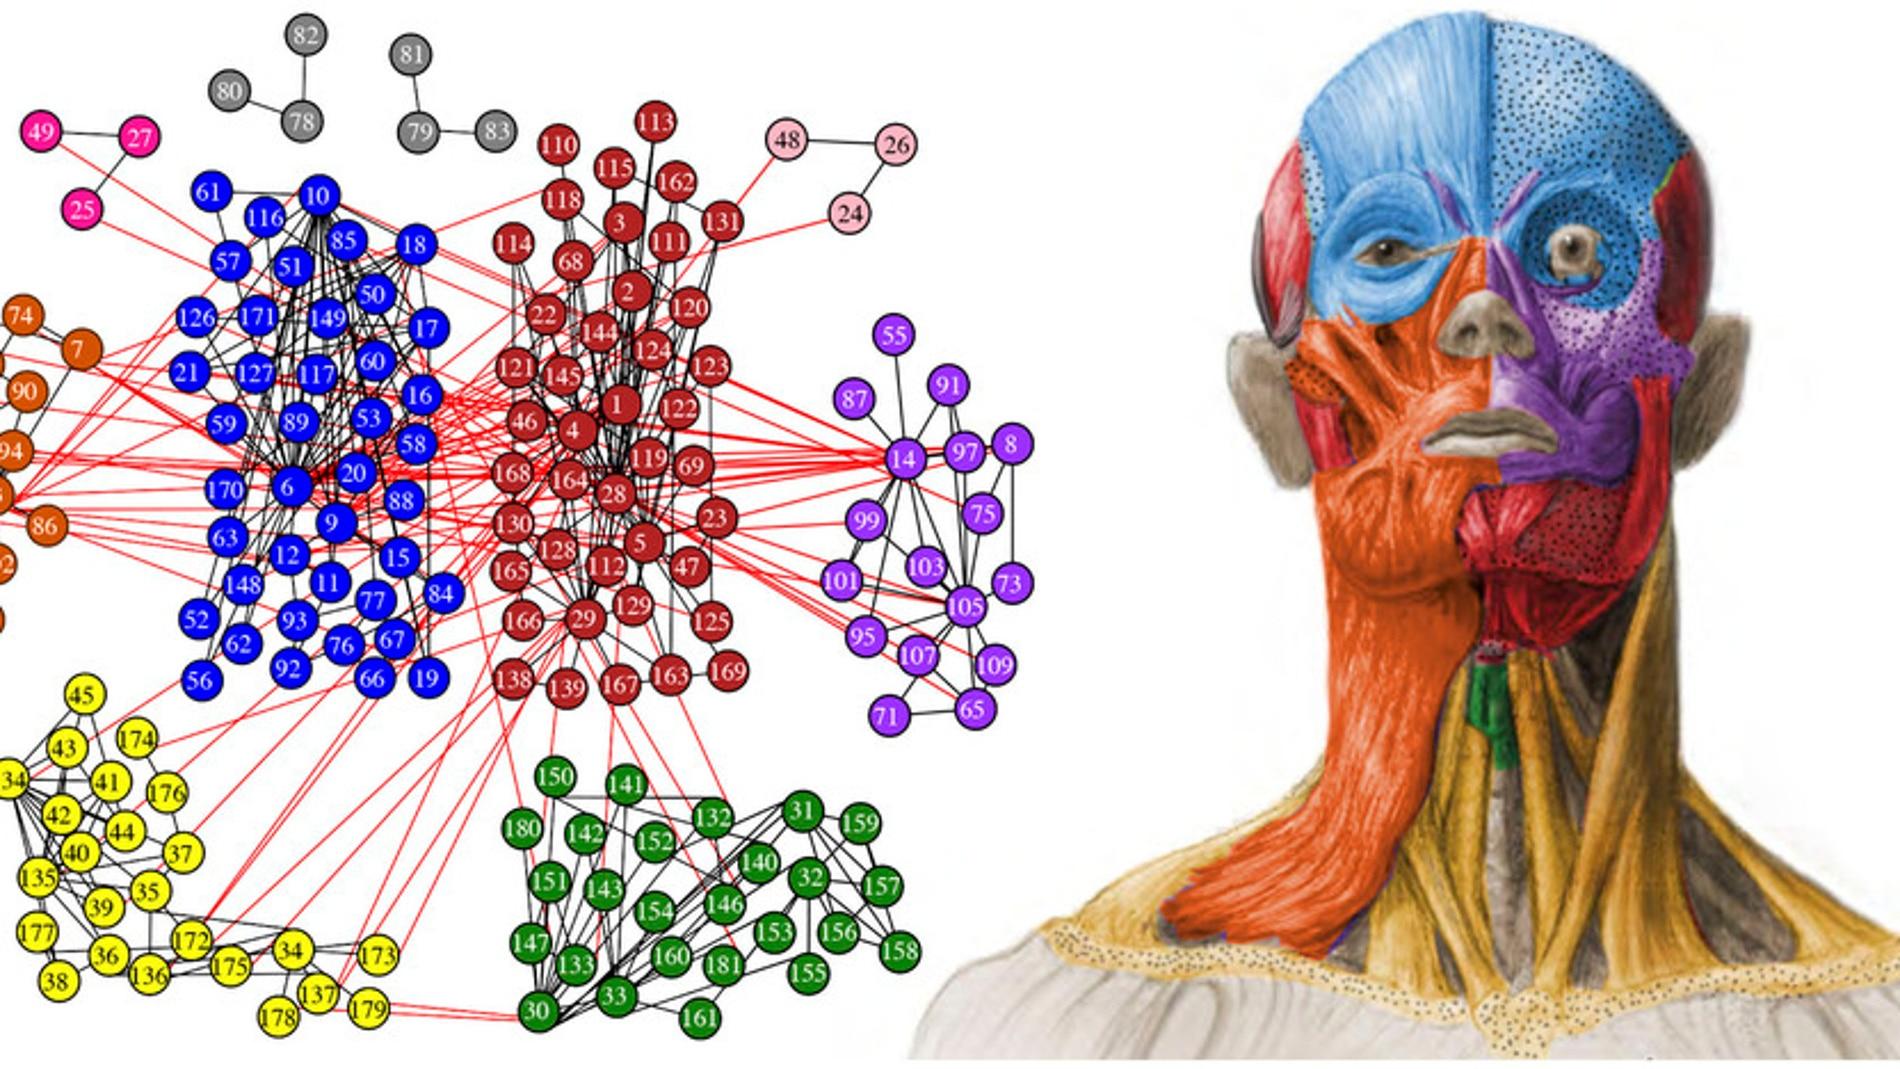 Imagen de torso humano que diferencia en